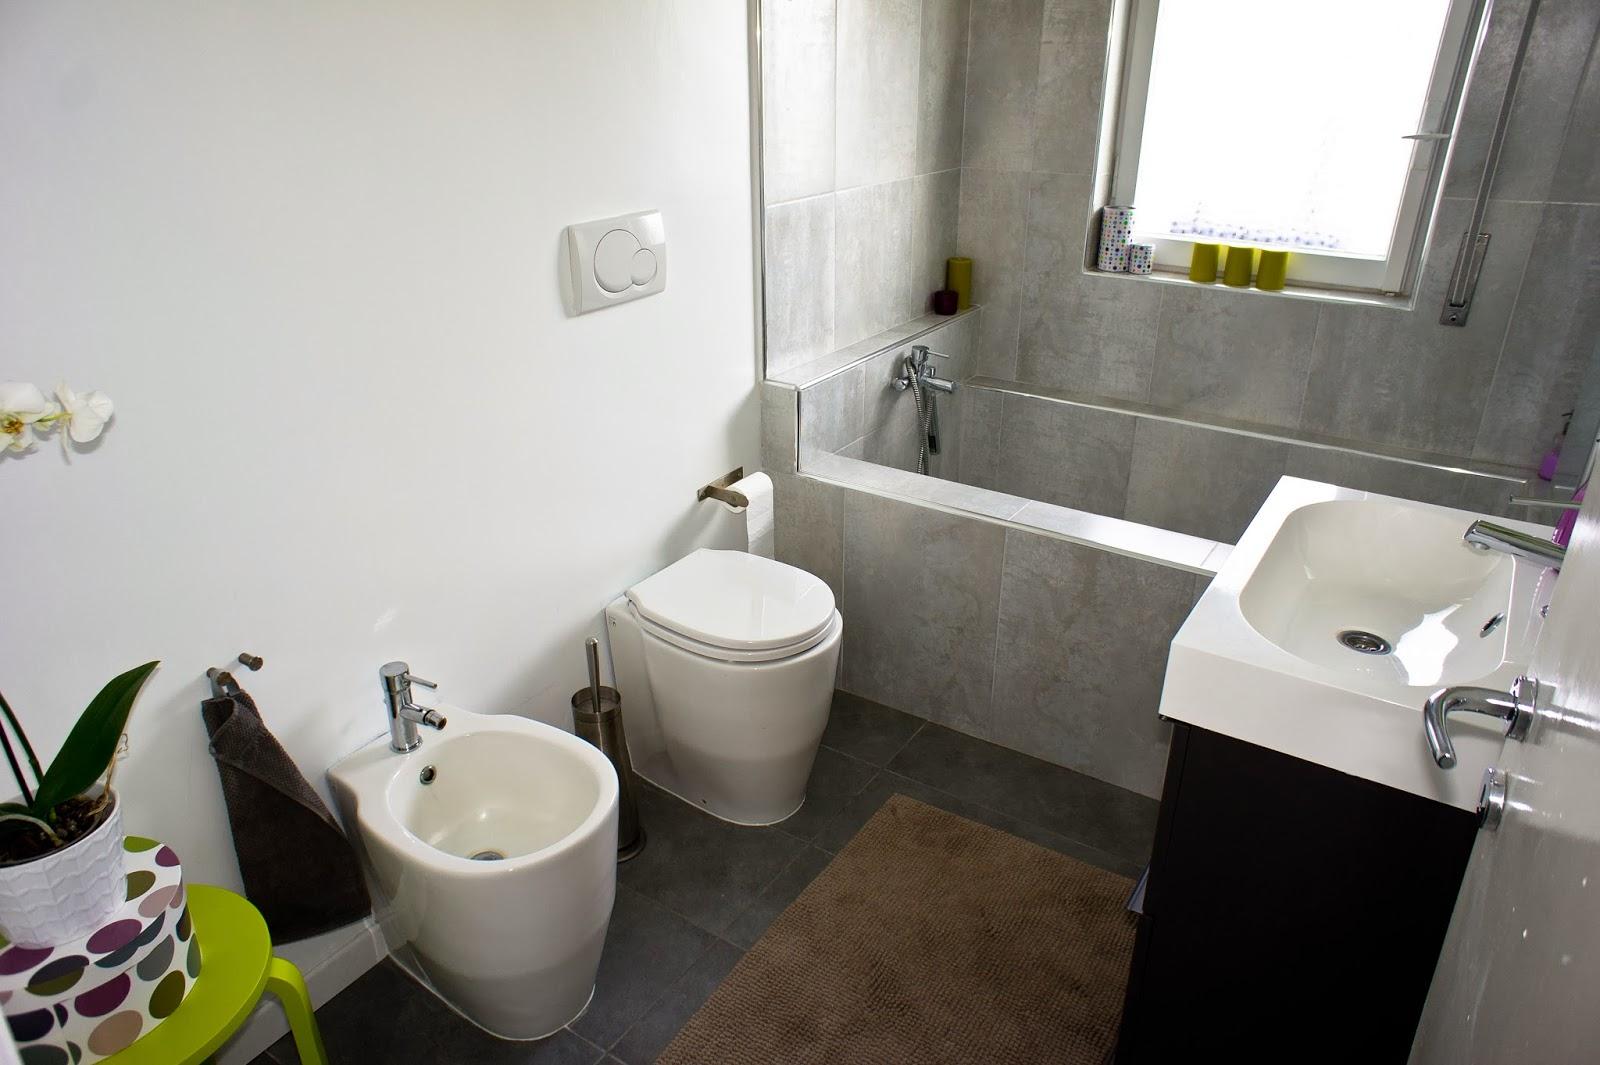 Ea ristruttura appartamento ristrutturato da noi bagno - Smalto per pareti bagno ...